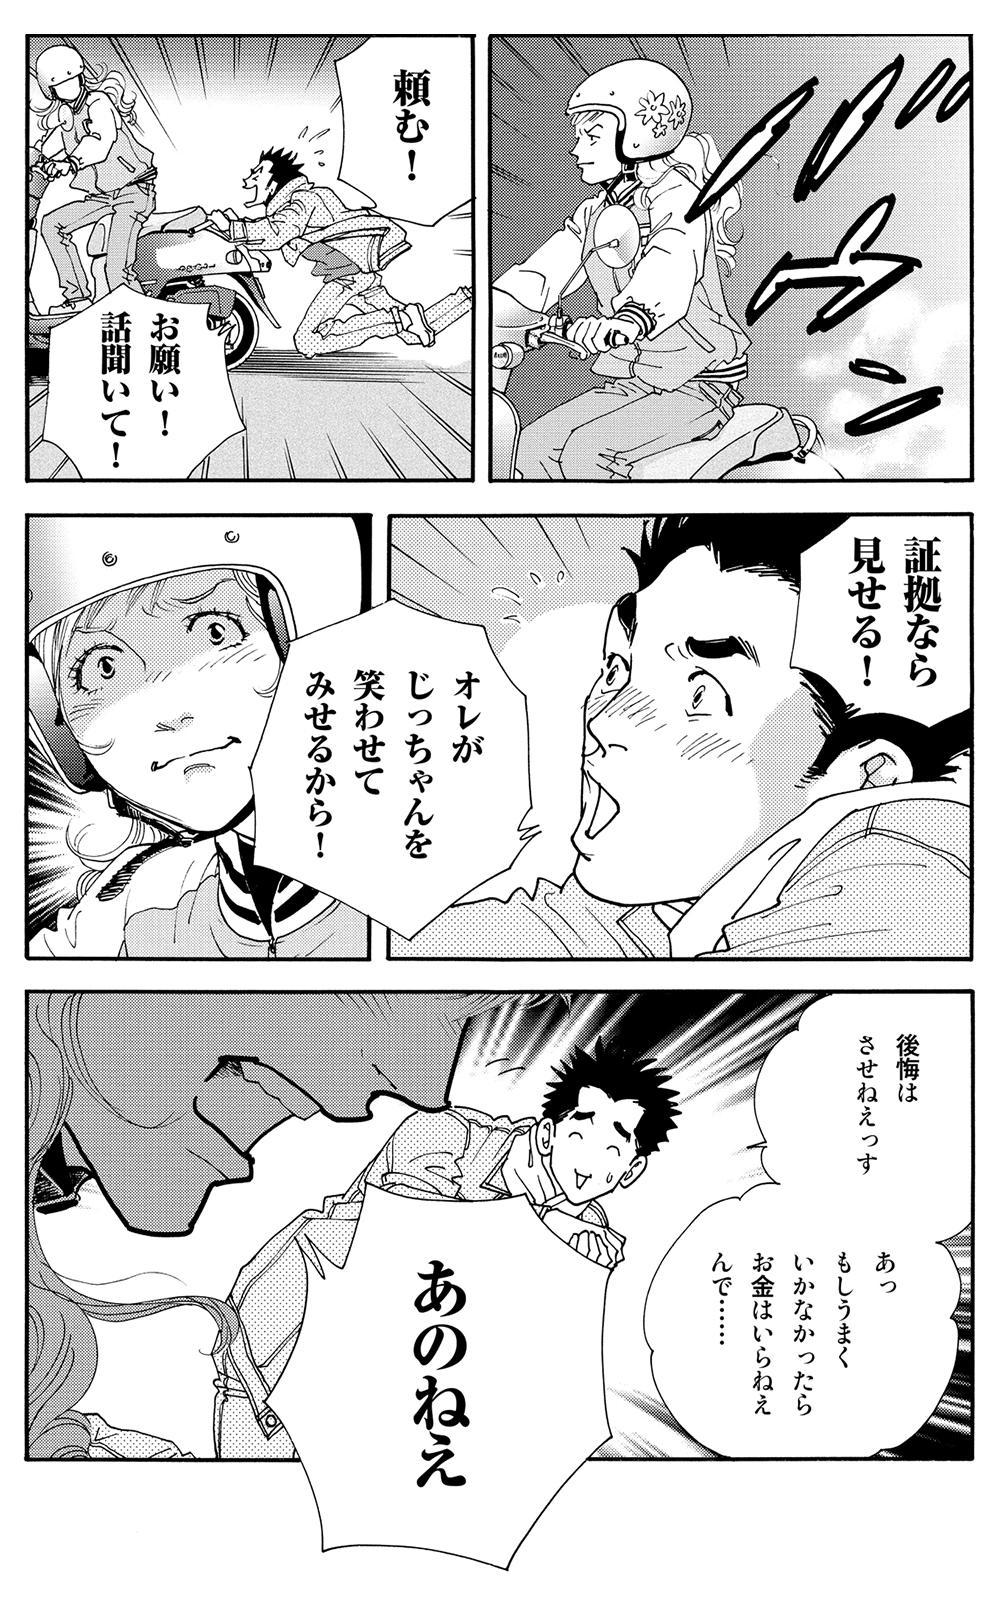 ヘルプマン!! 第4話「介護詐欺」helpman04-03.jpg